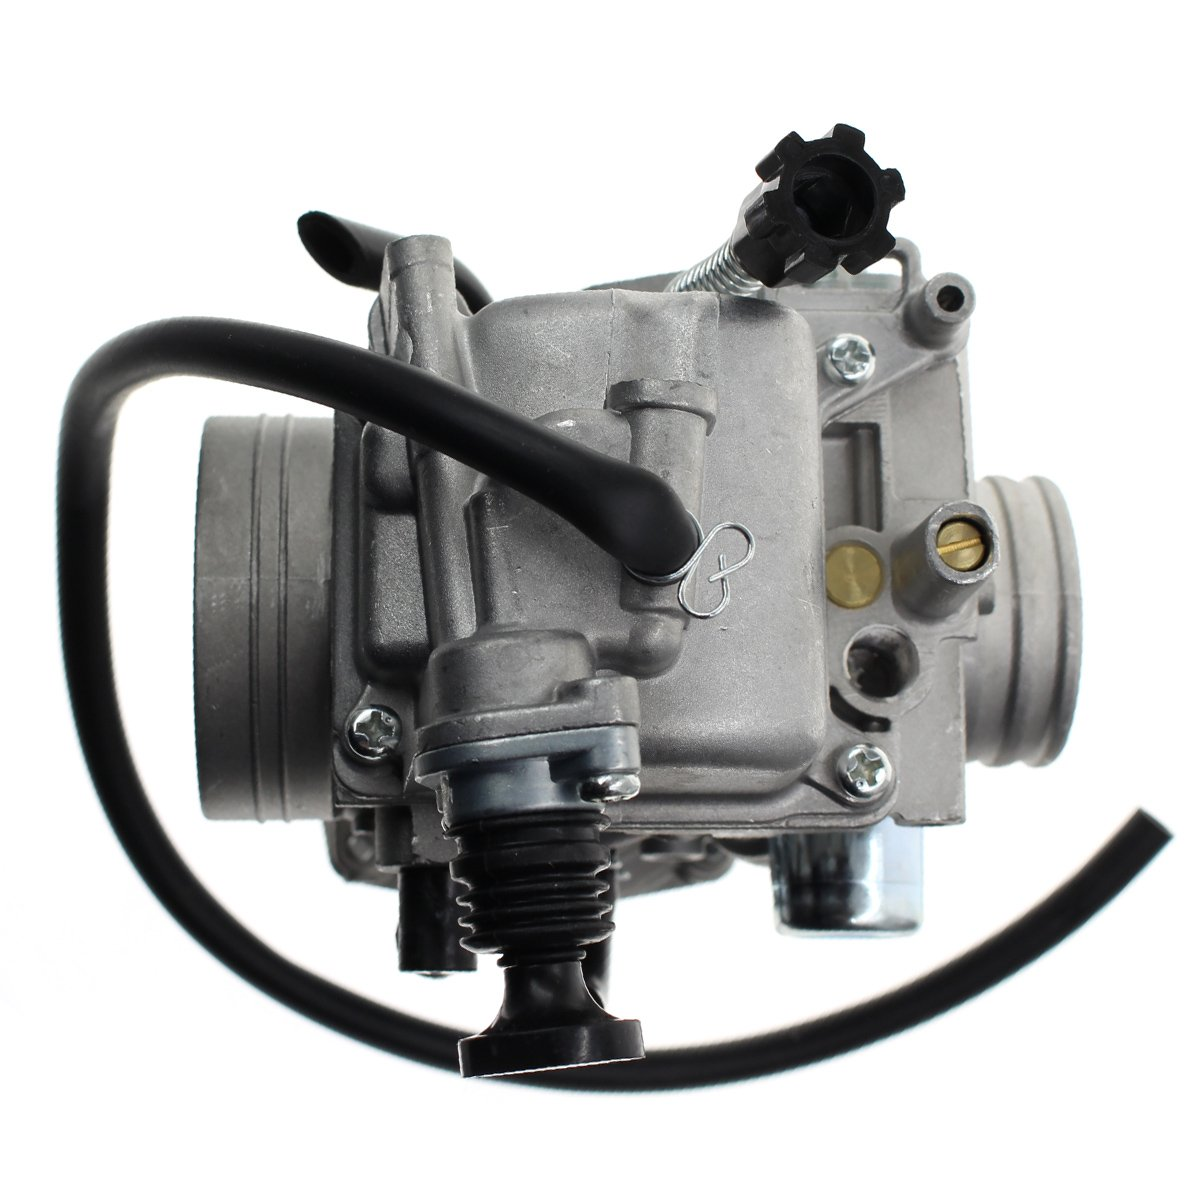 Carbhub TRX300 Carburetor for Honda 300 TRX300 Fourtrax 1988-2000 Carb